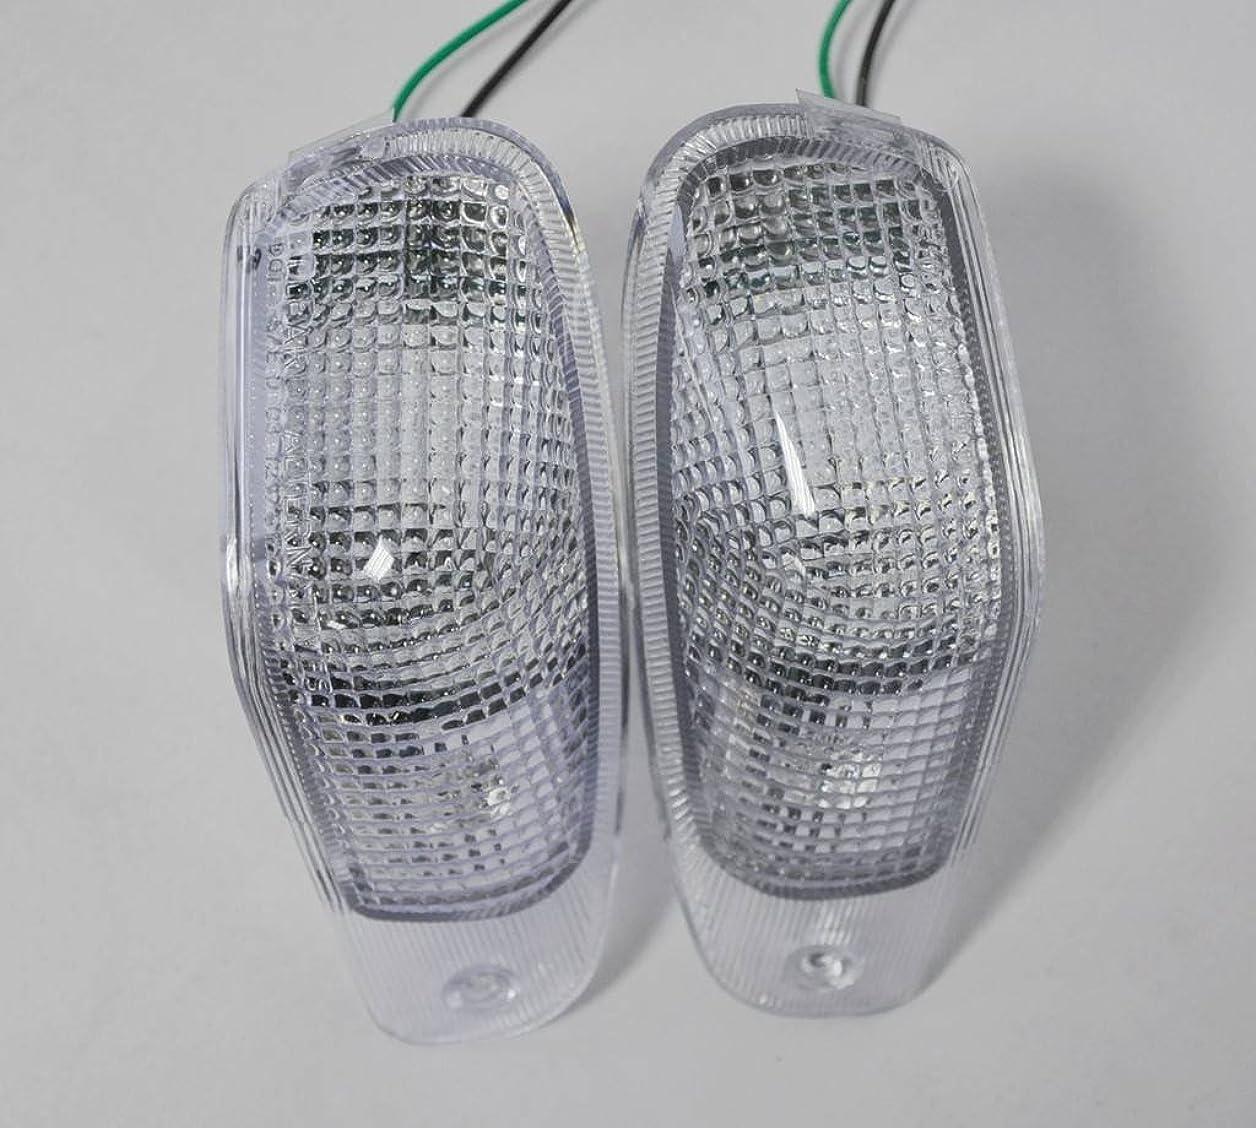 約束する凶暴な特徴づける(LED)透明色オートバイターンシグナル 川崎 94-04 Zx600E/Zzr600 Zzr250 (Front)